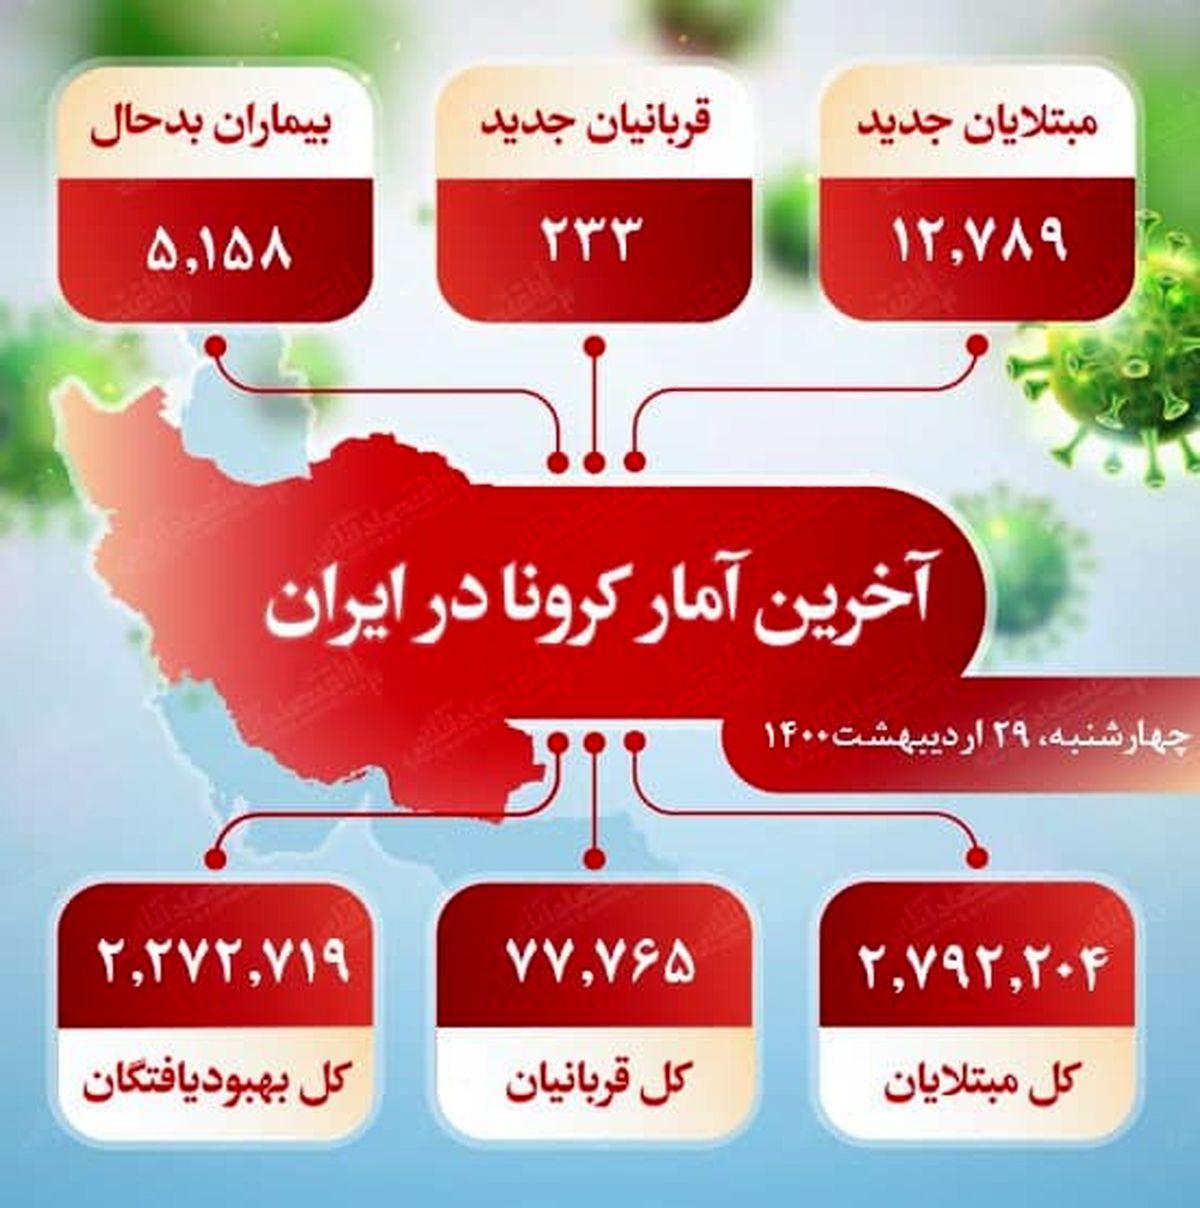 آخرین آمار کرونا در ایران (۱۴۰۰/۲/۲۹)